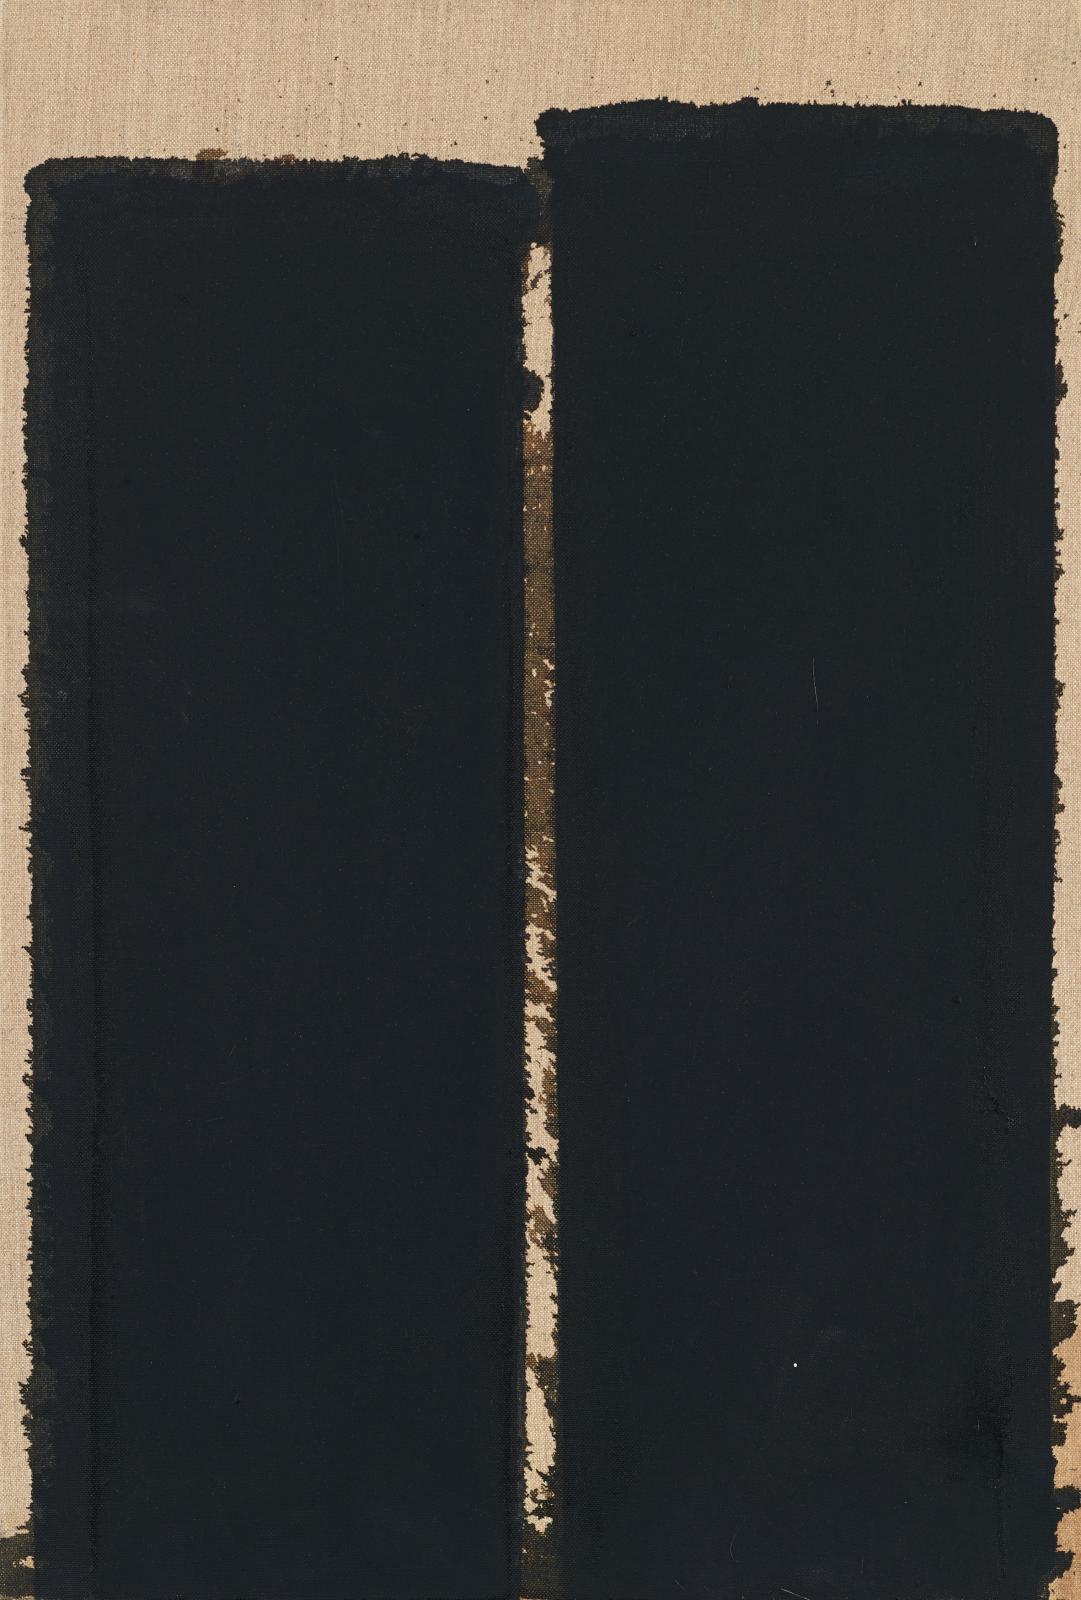 19320€ frais comprisYun Hyong-Keun (1928-2007), Composition, 1993, huile sur toile, signée au dos, datée au dos, 60,5x 41cm.Paris, Dro